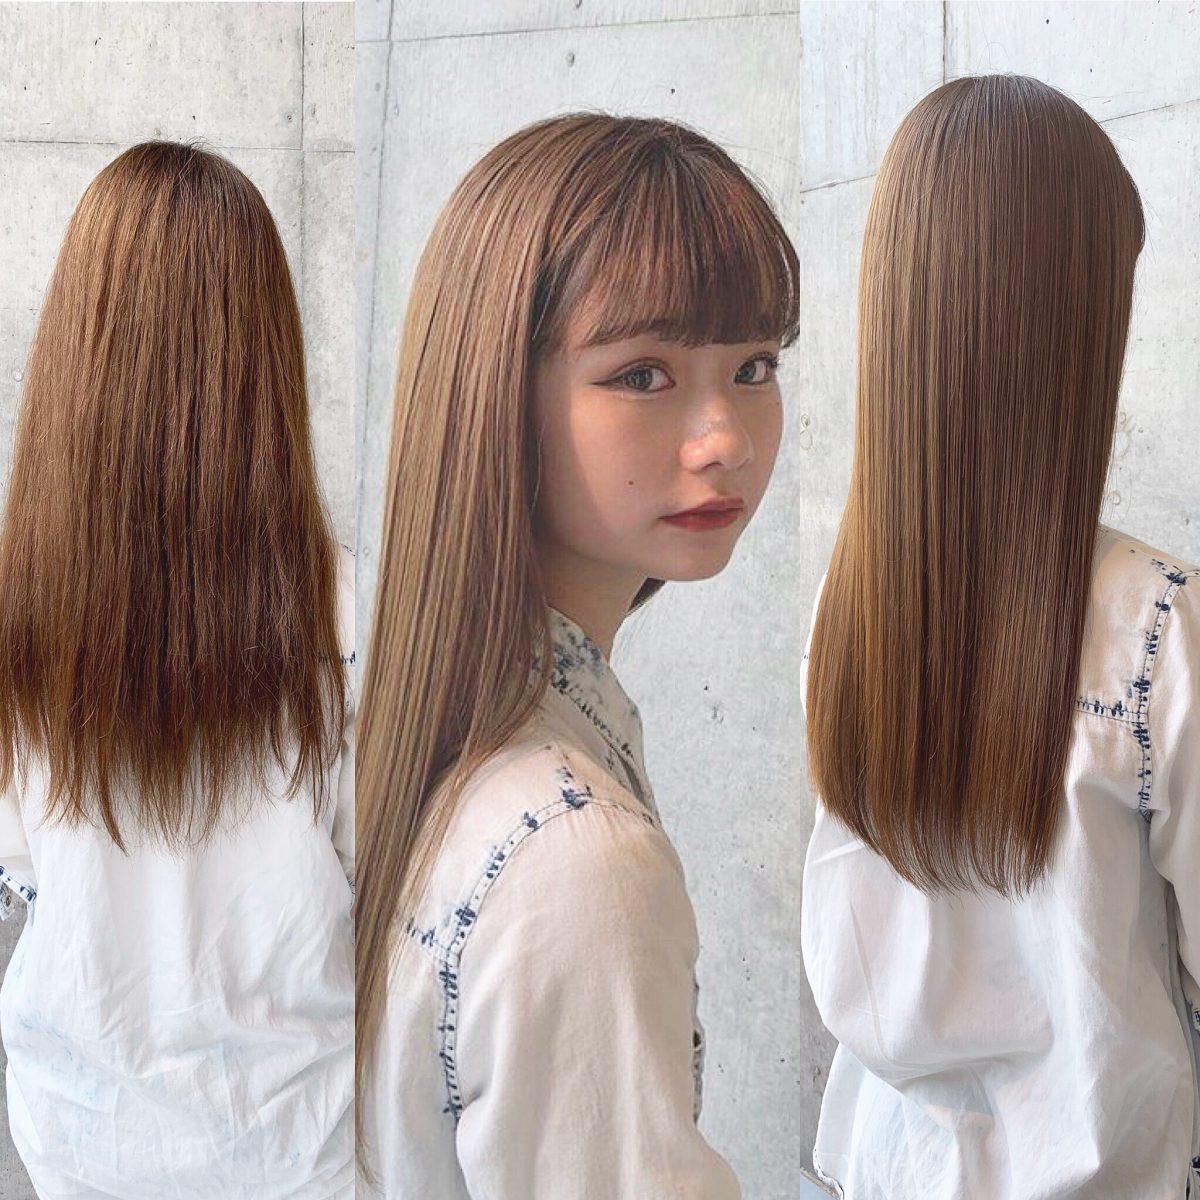 今人気の髪質改善・酸熱ストレートはどんなクセ毛にも効くのか?